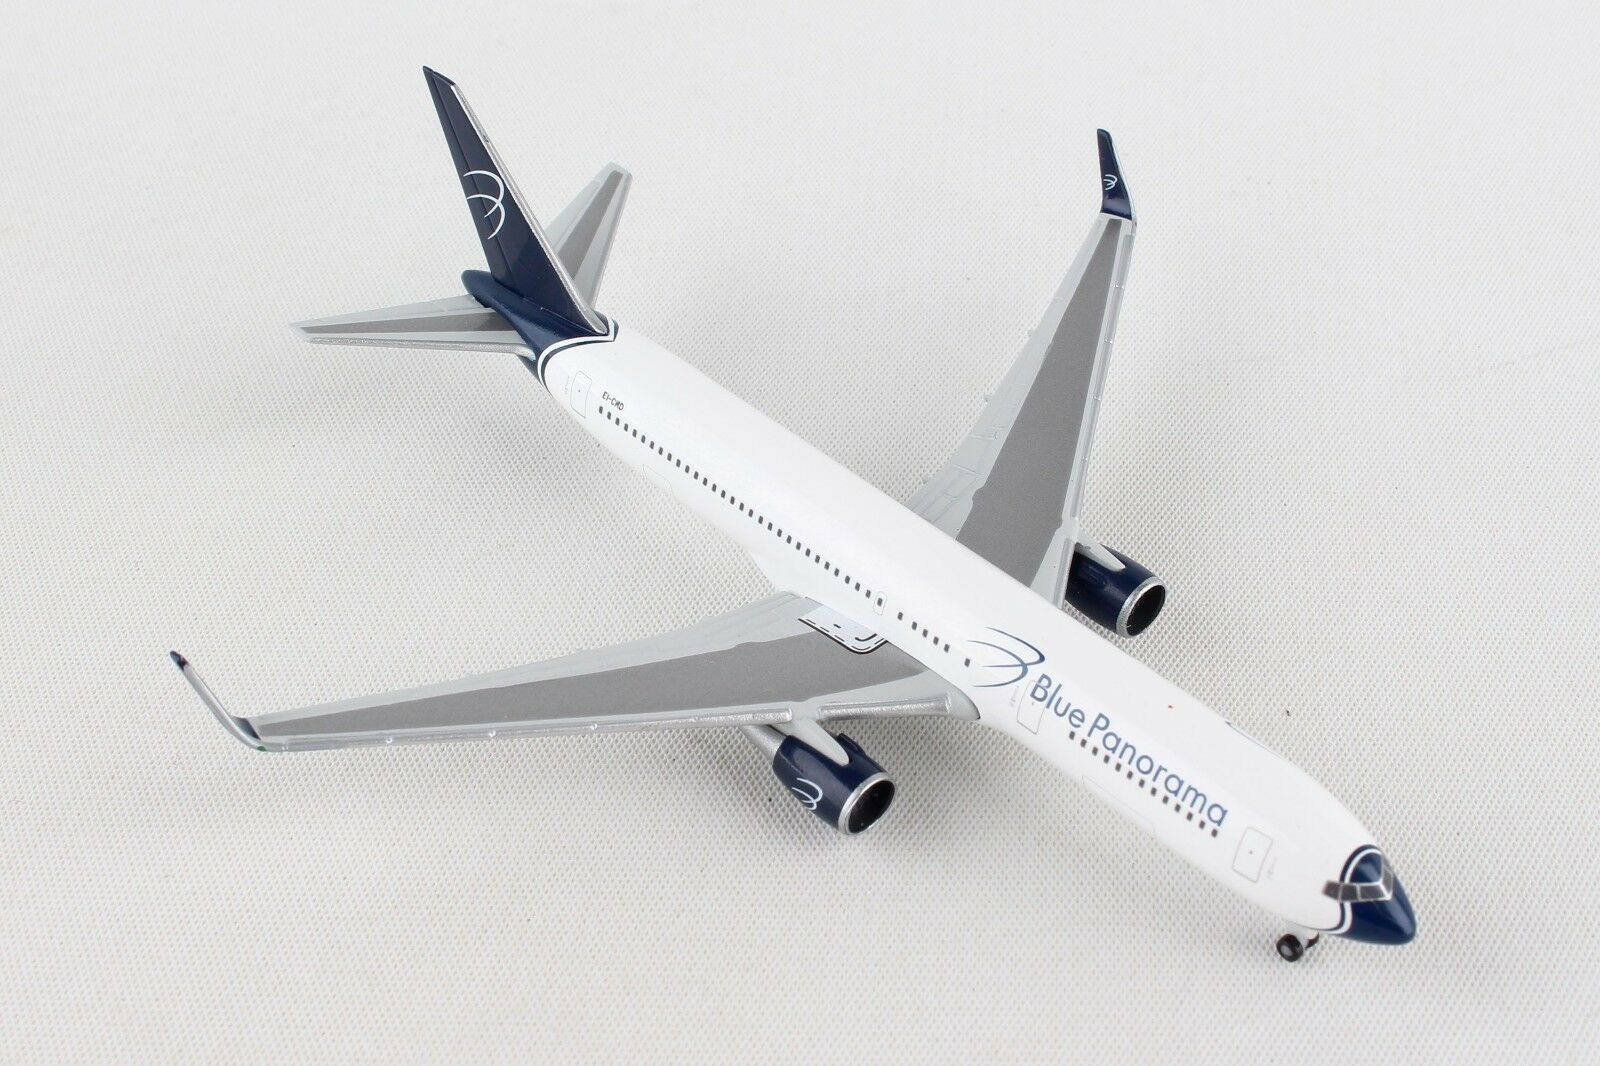 HE531559 HERPA WINGS blueE PANORAMA BOEING 767-300 1 500 DIE-CAST MODEL AIRPLANE